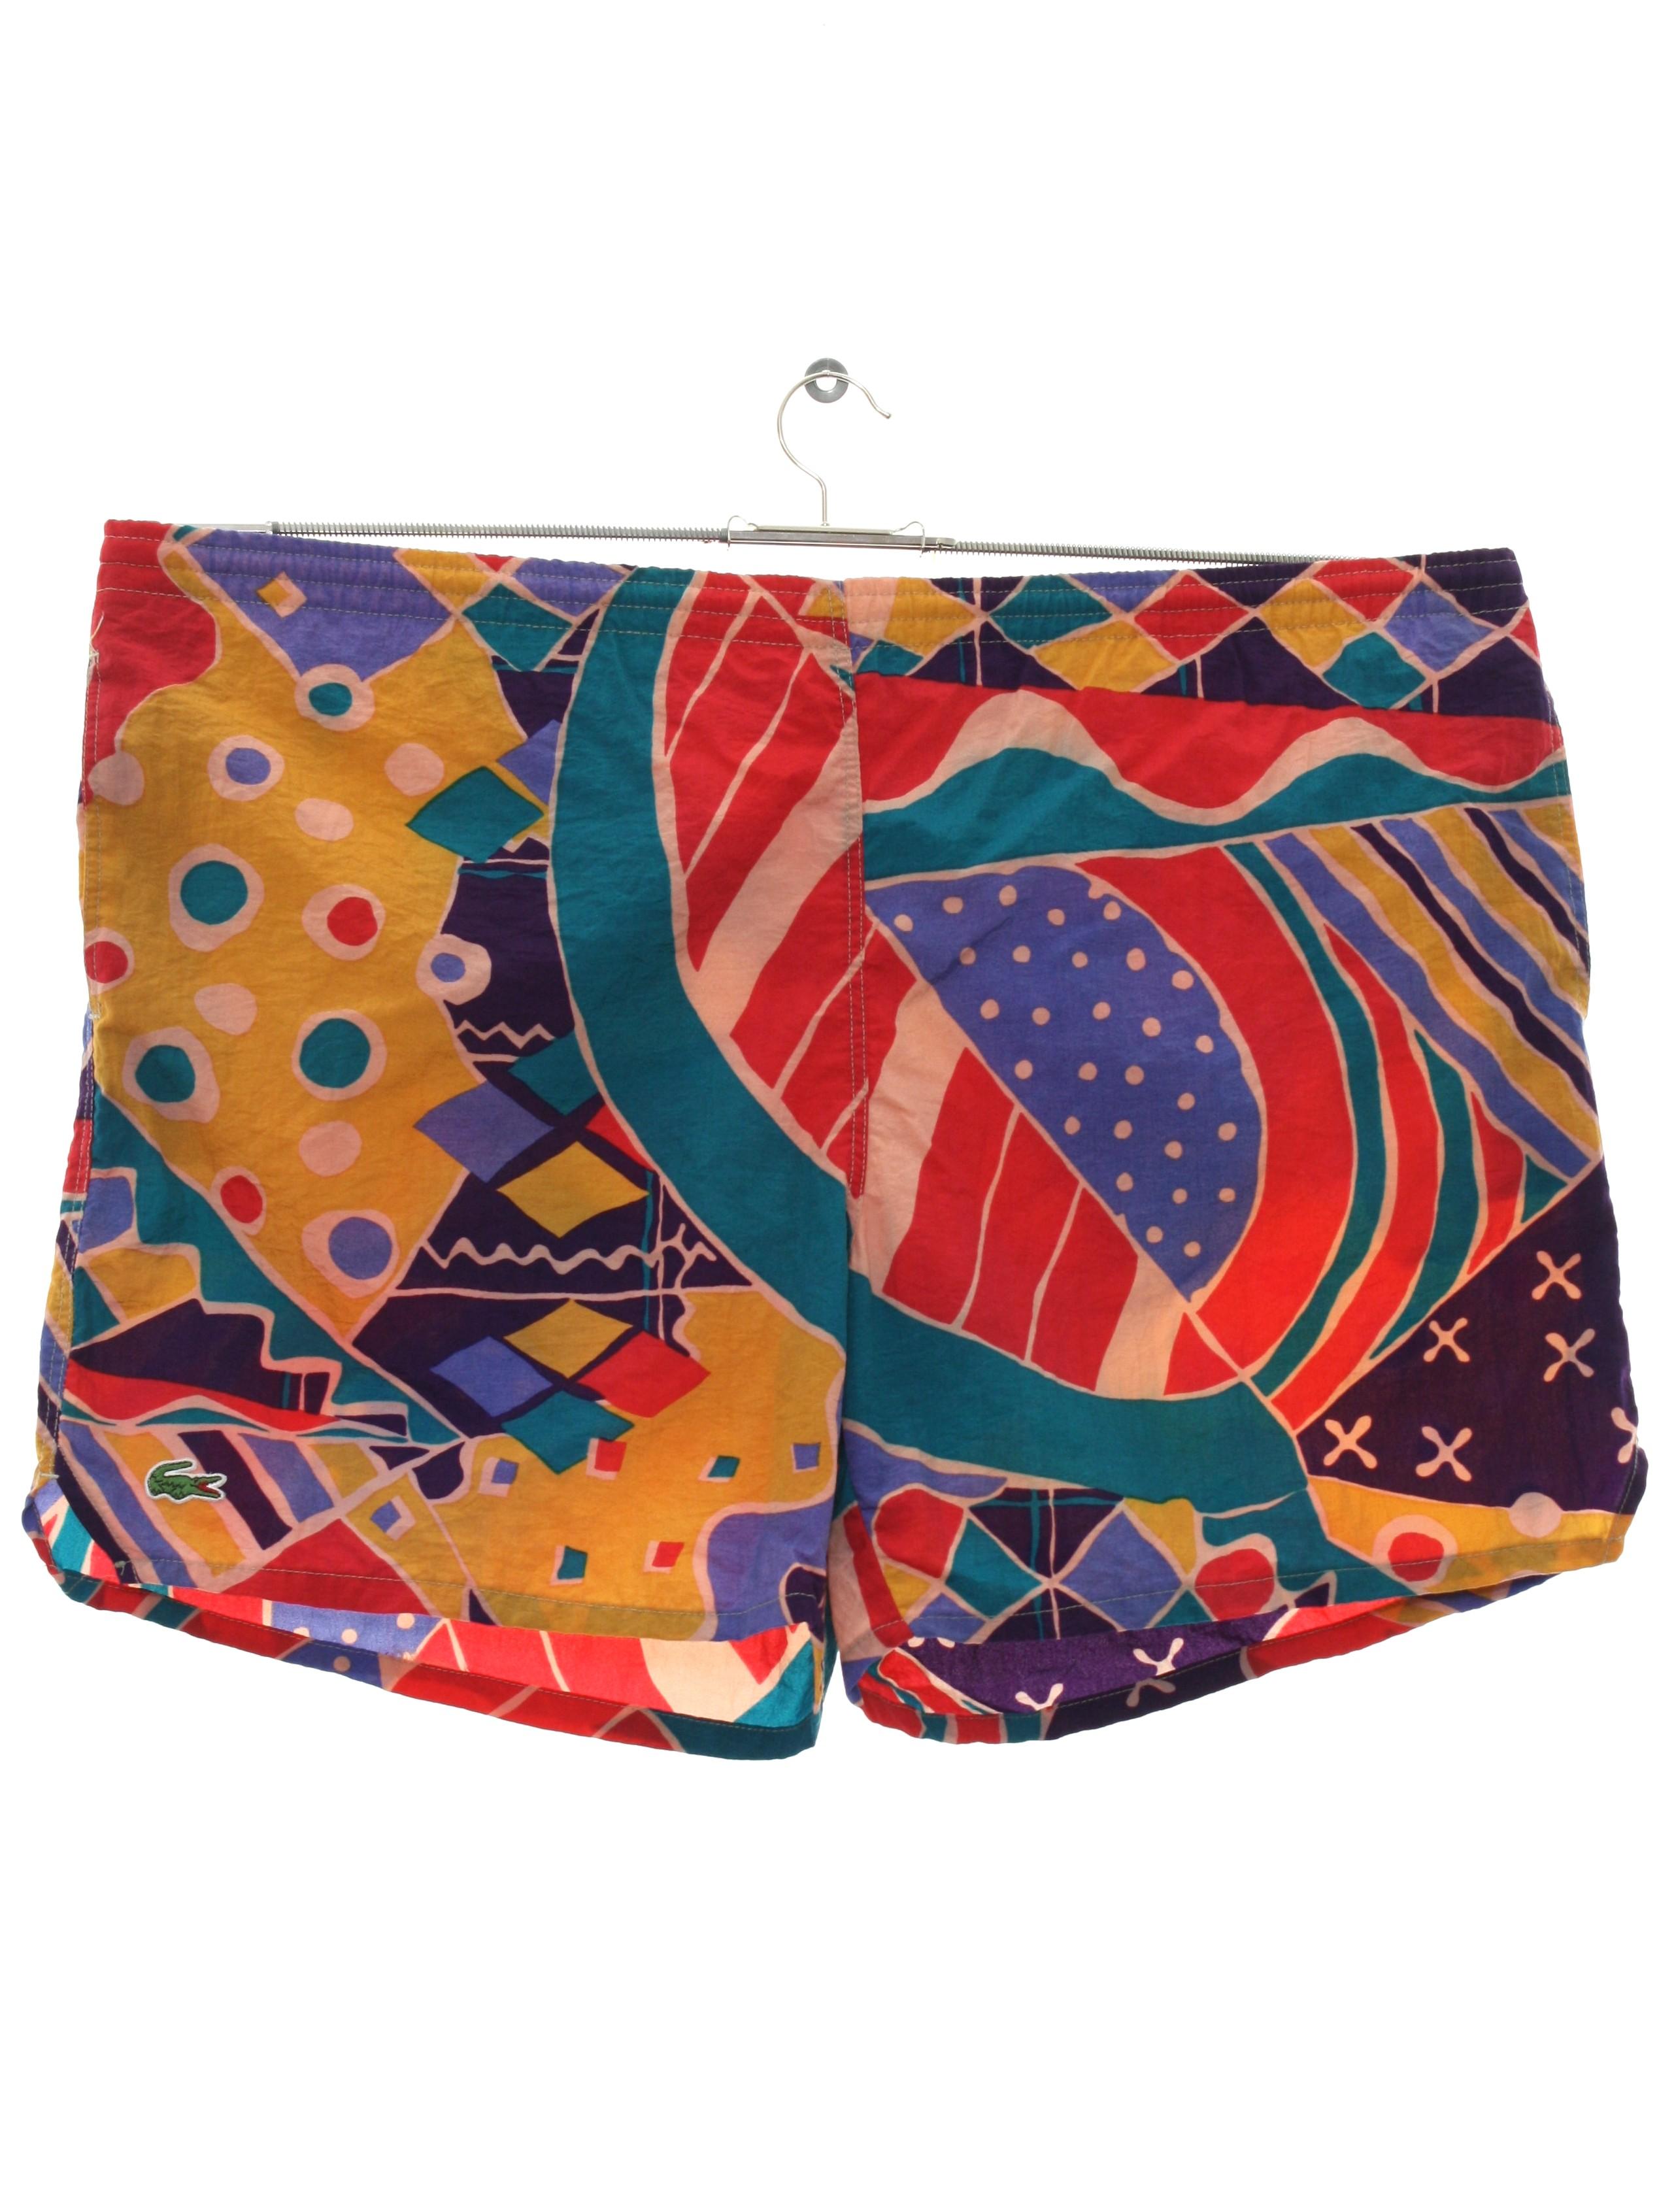 edc5b17f3c Retro Eighties Swimsuit/Swimwear: 80s -Lacoste- Mens Multicolor ...